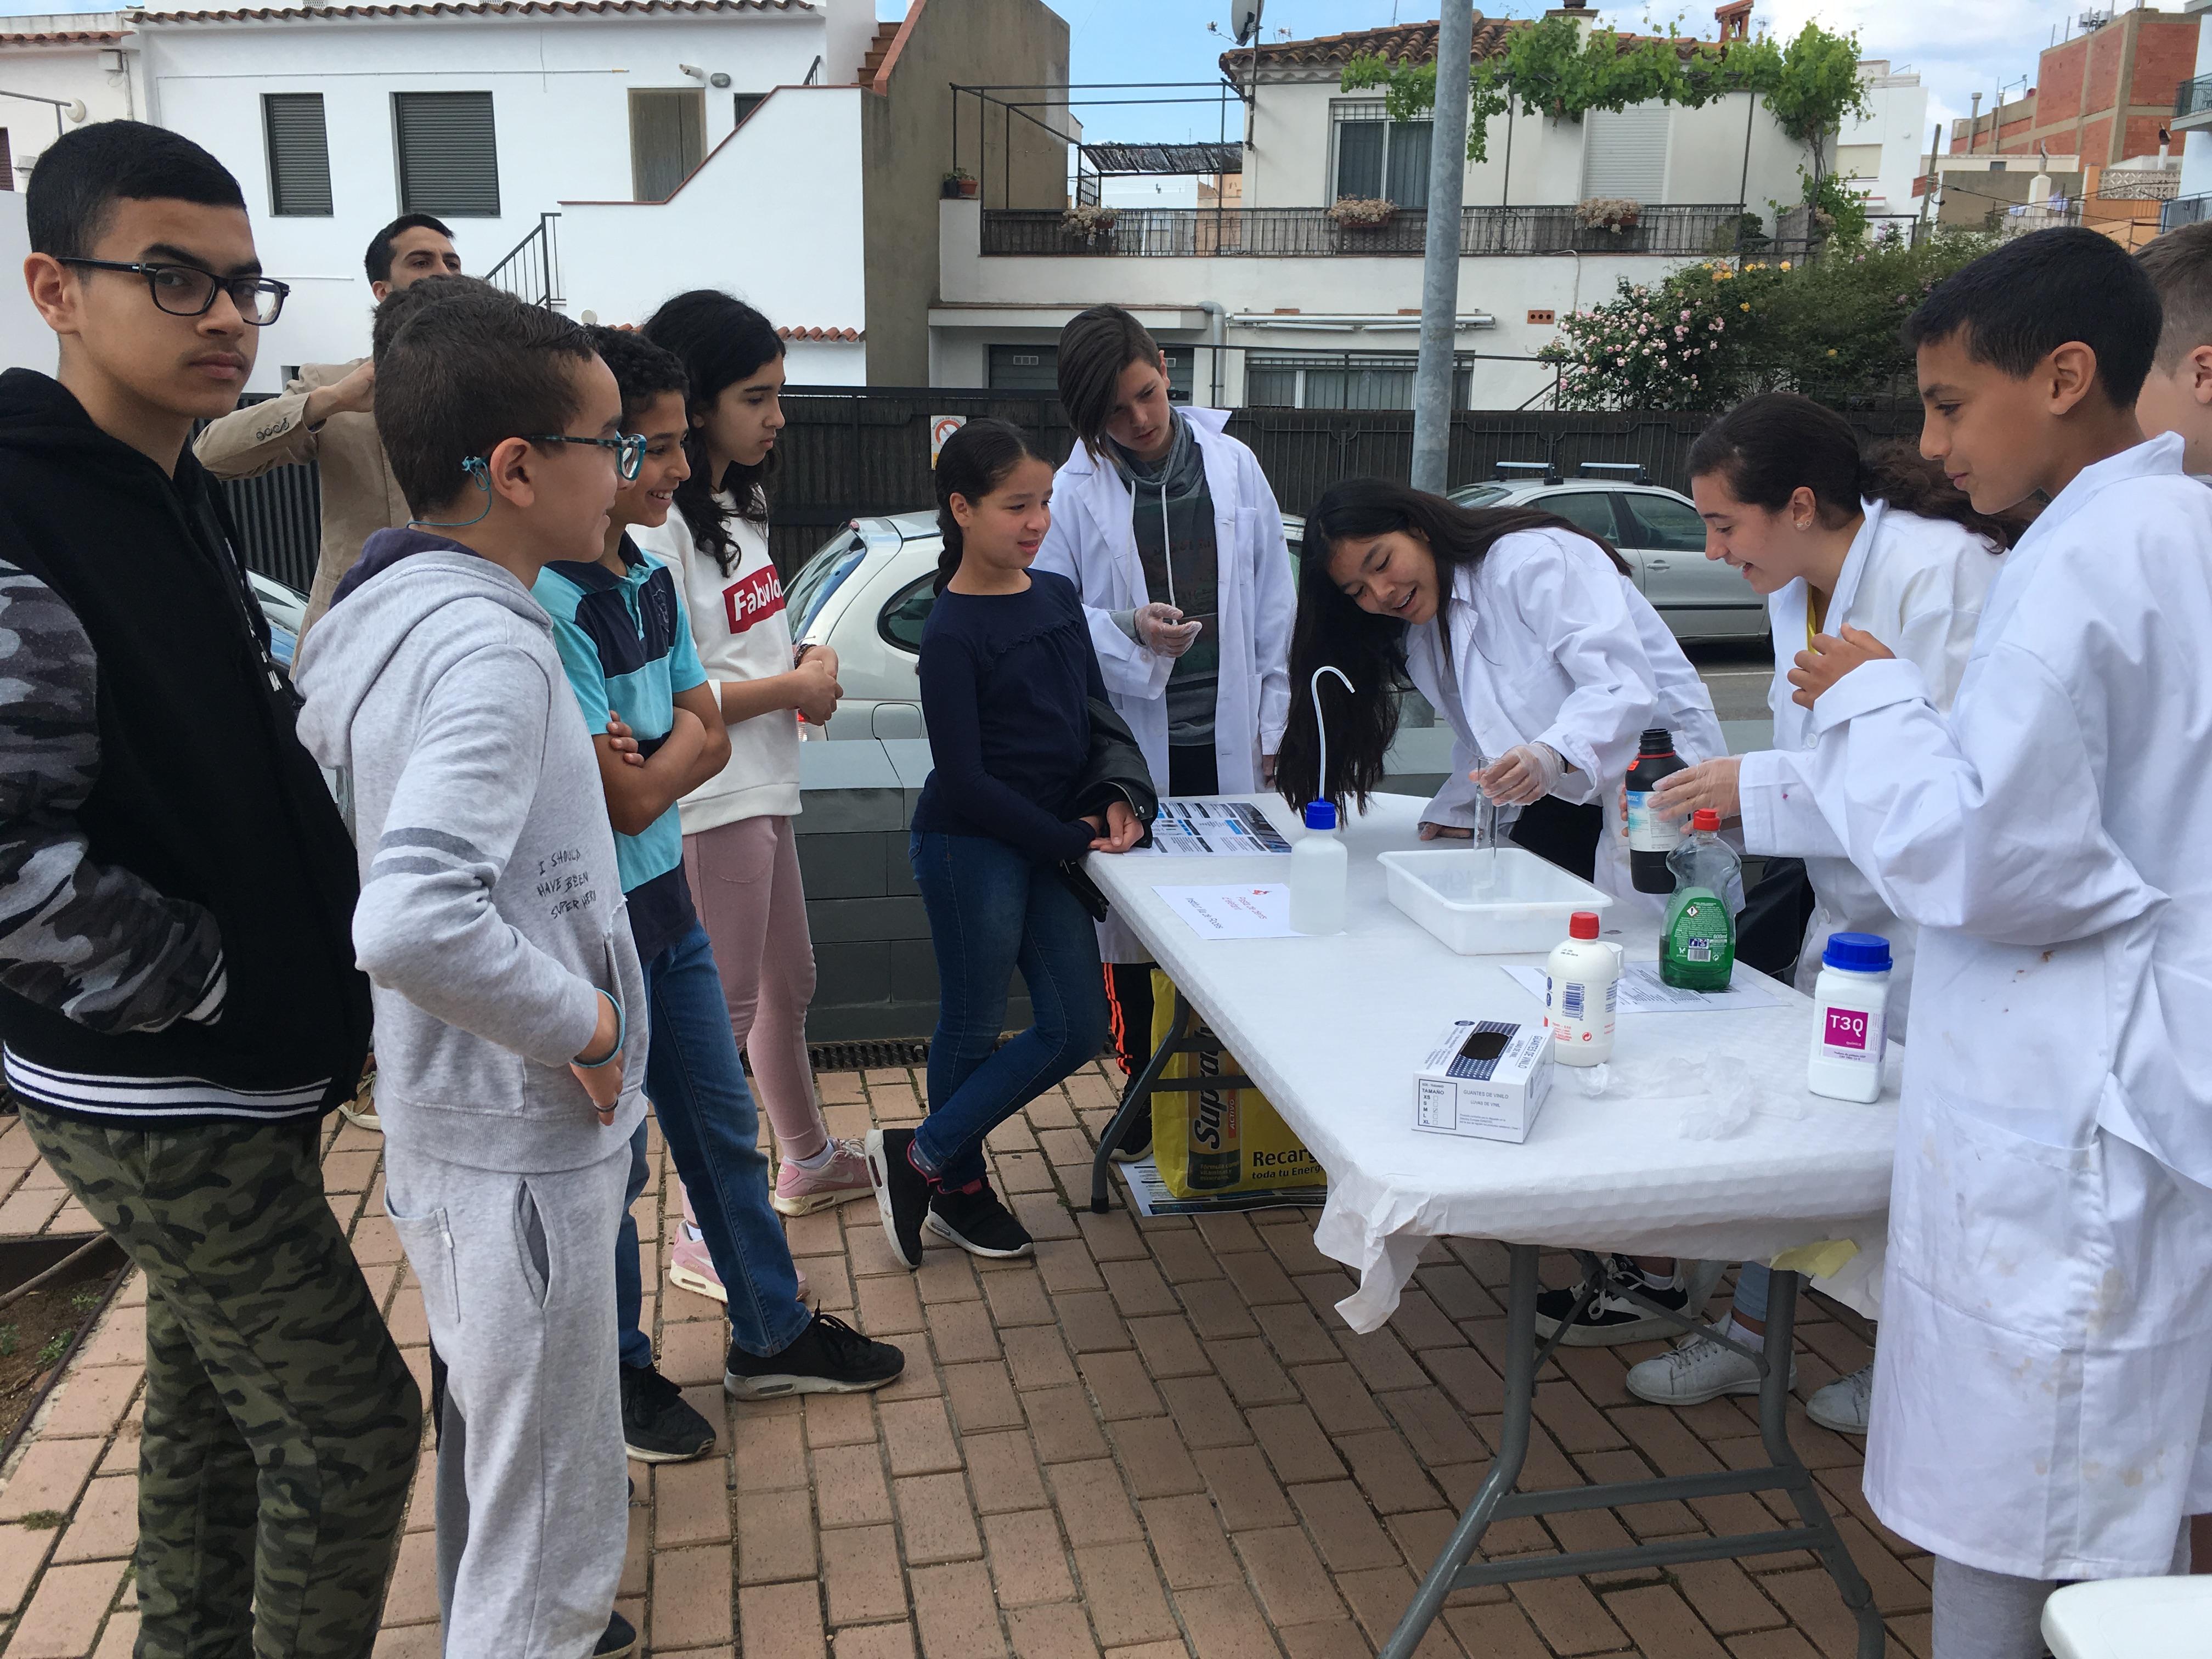 Els alumnes dels instituts de Roses ideen una jornada d'experimentació científica